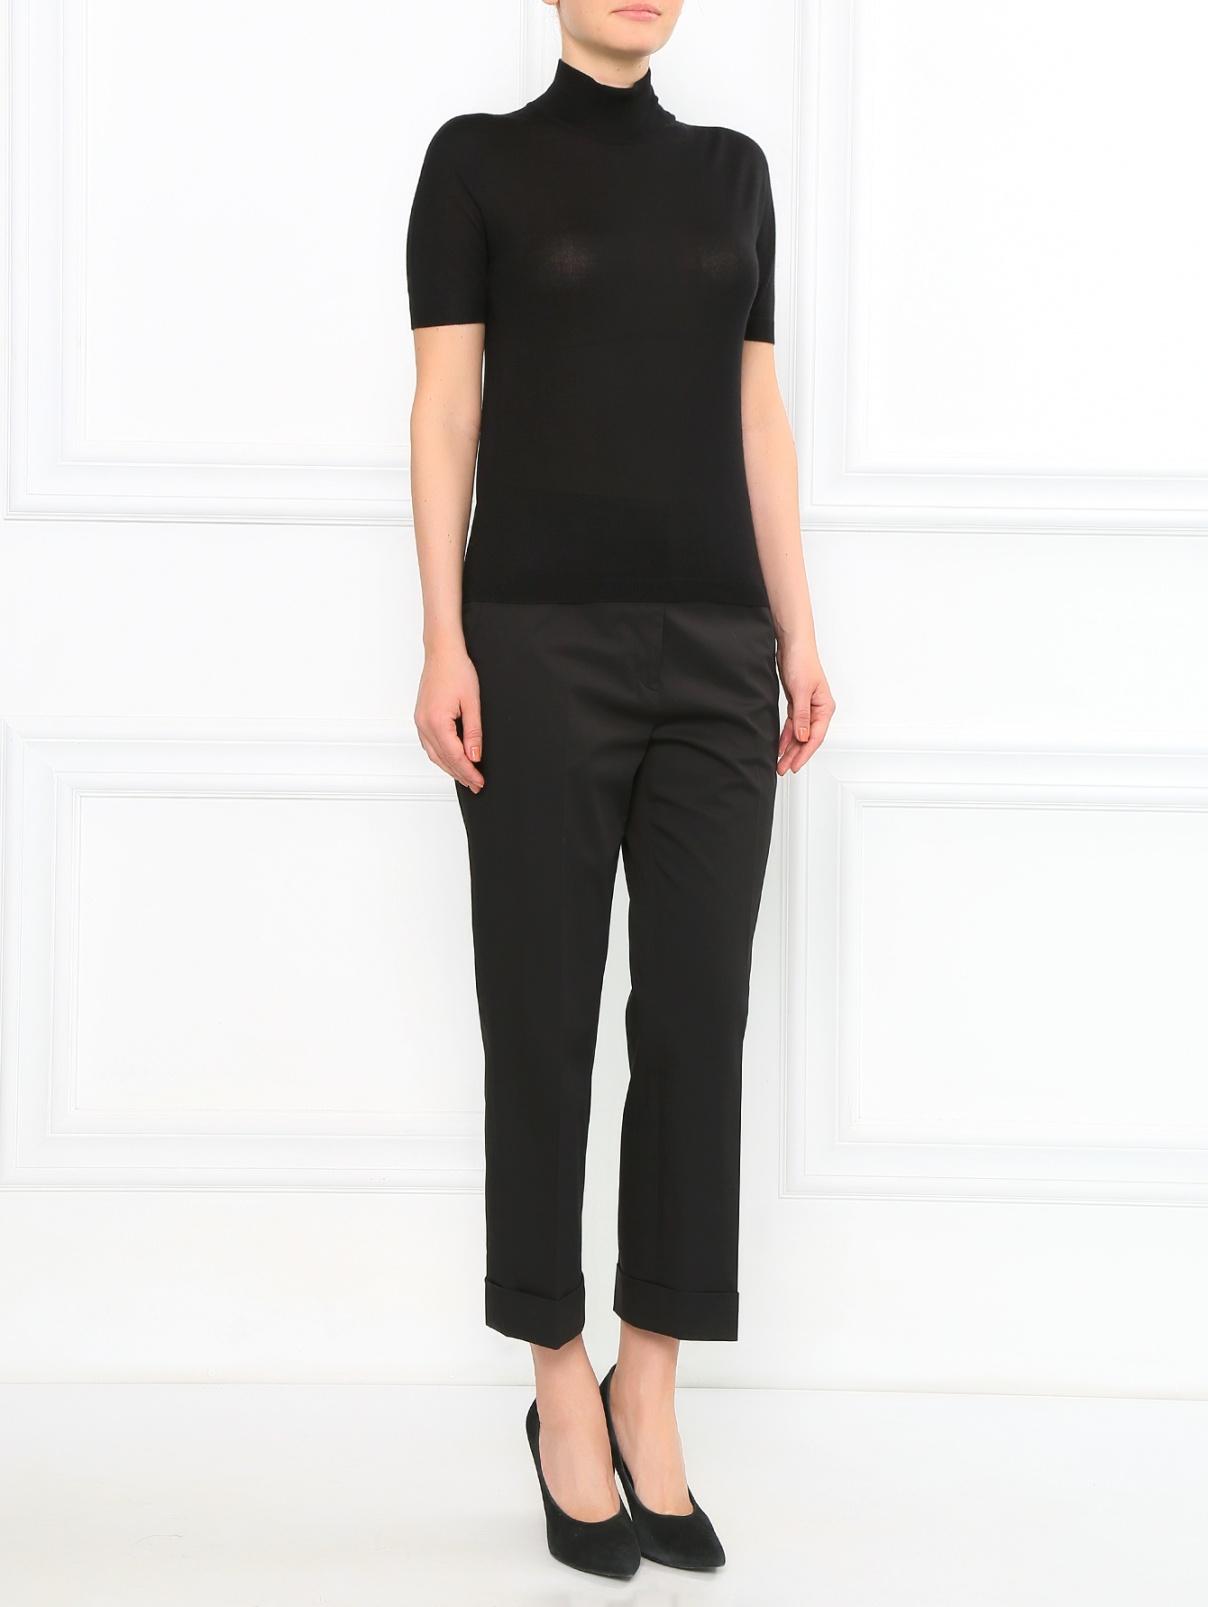 Укороченные брюки из хлопка с боковыми карманами Jil Sander  –  Модель Общий вид